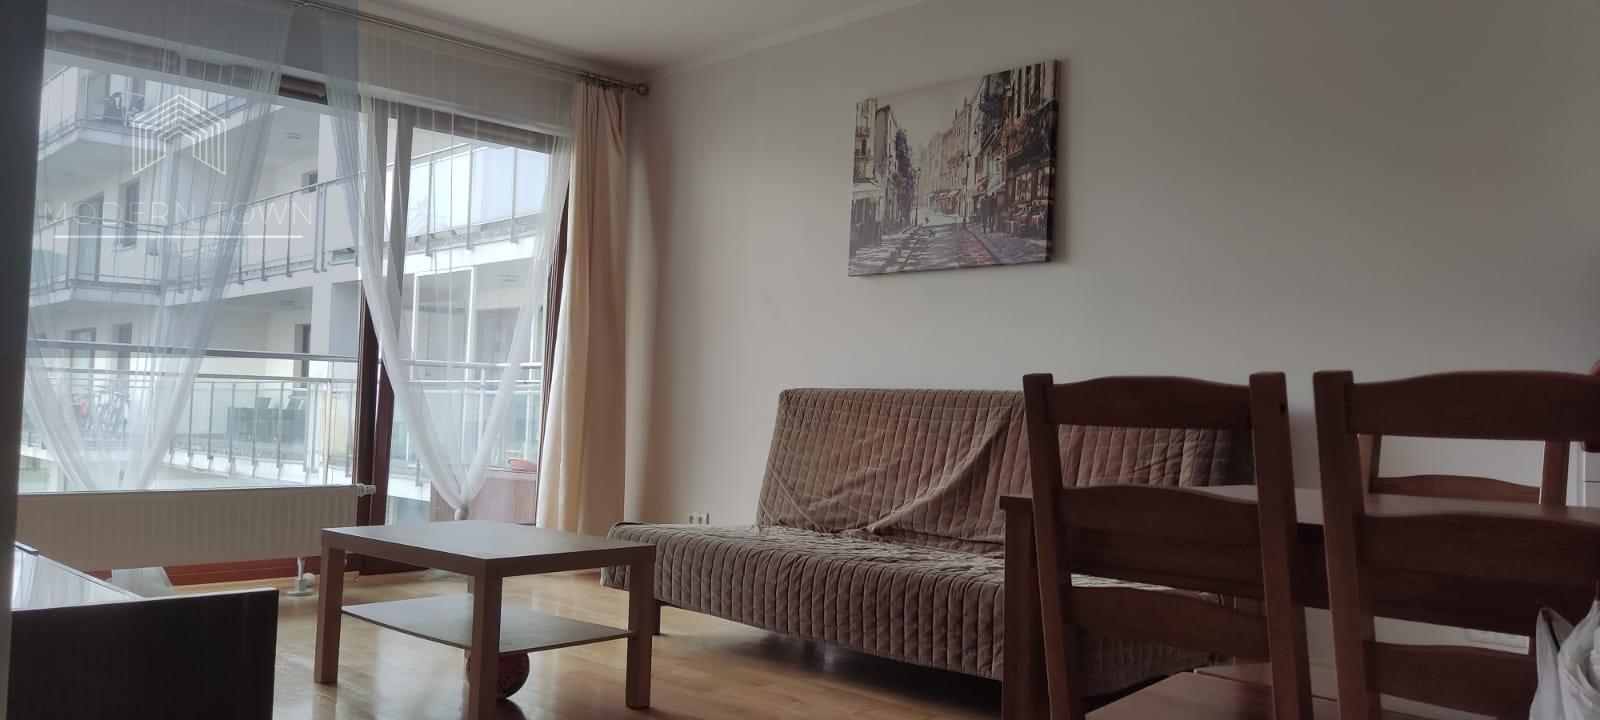 Mieszkanie dwupokojowe na sprzedaż Pruszków, Prusa  45m2 Foto 5